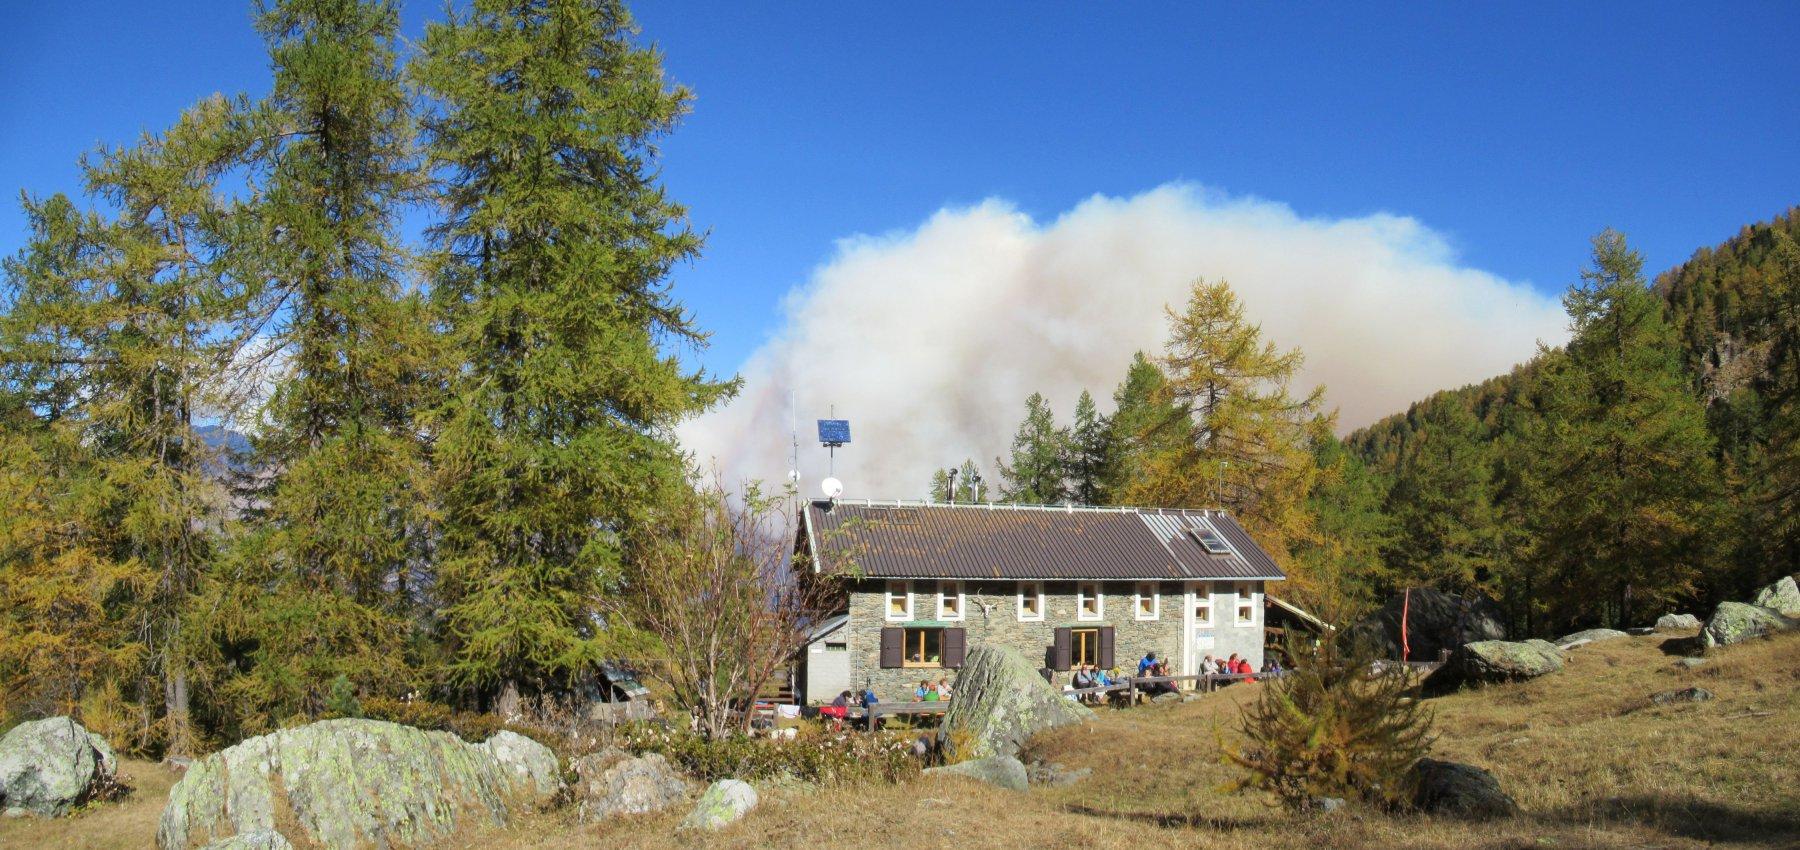 Rifugio Toesca e dietro l'impressionante nube causata dall'incendio